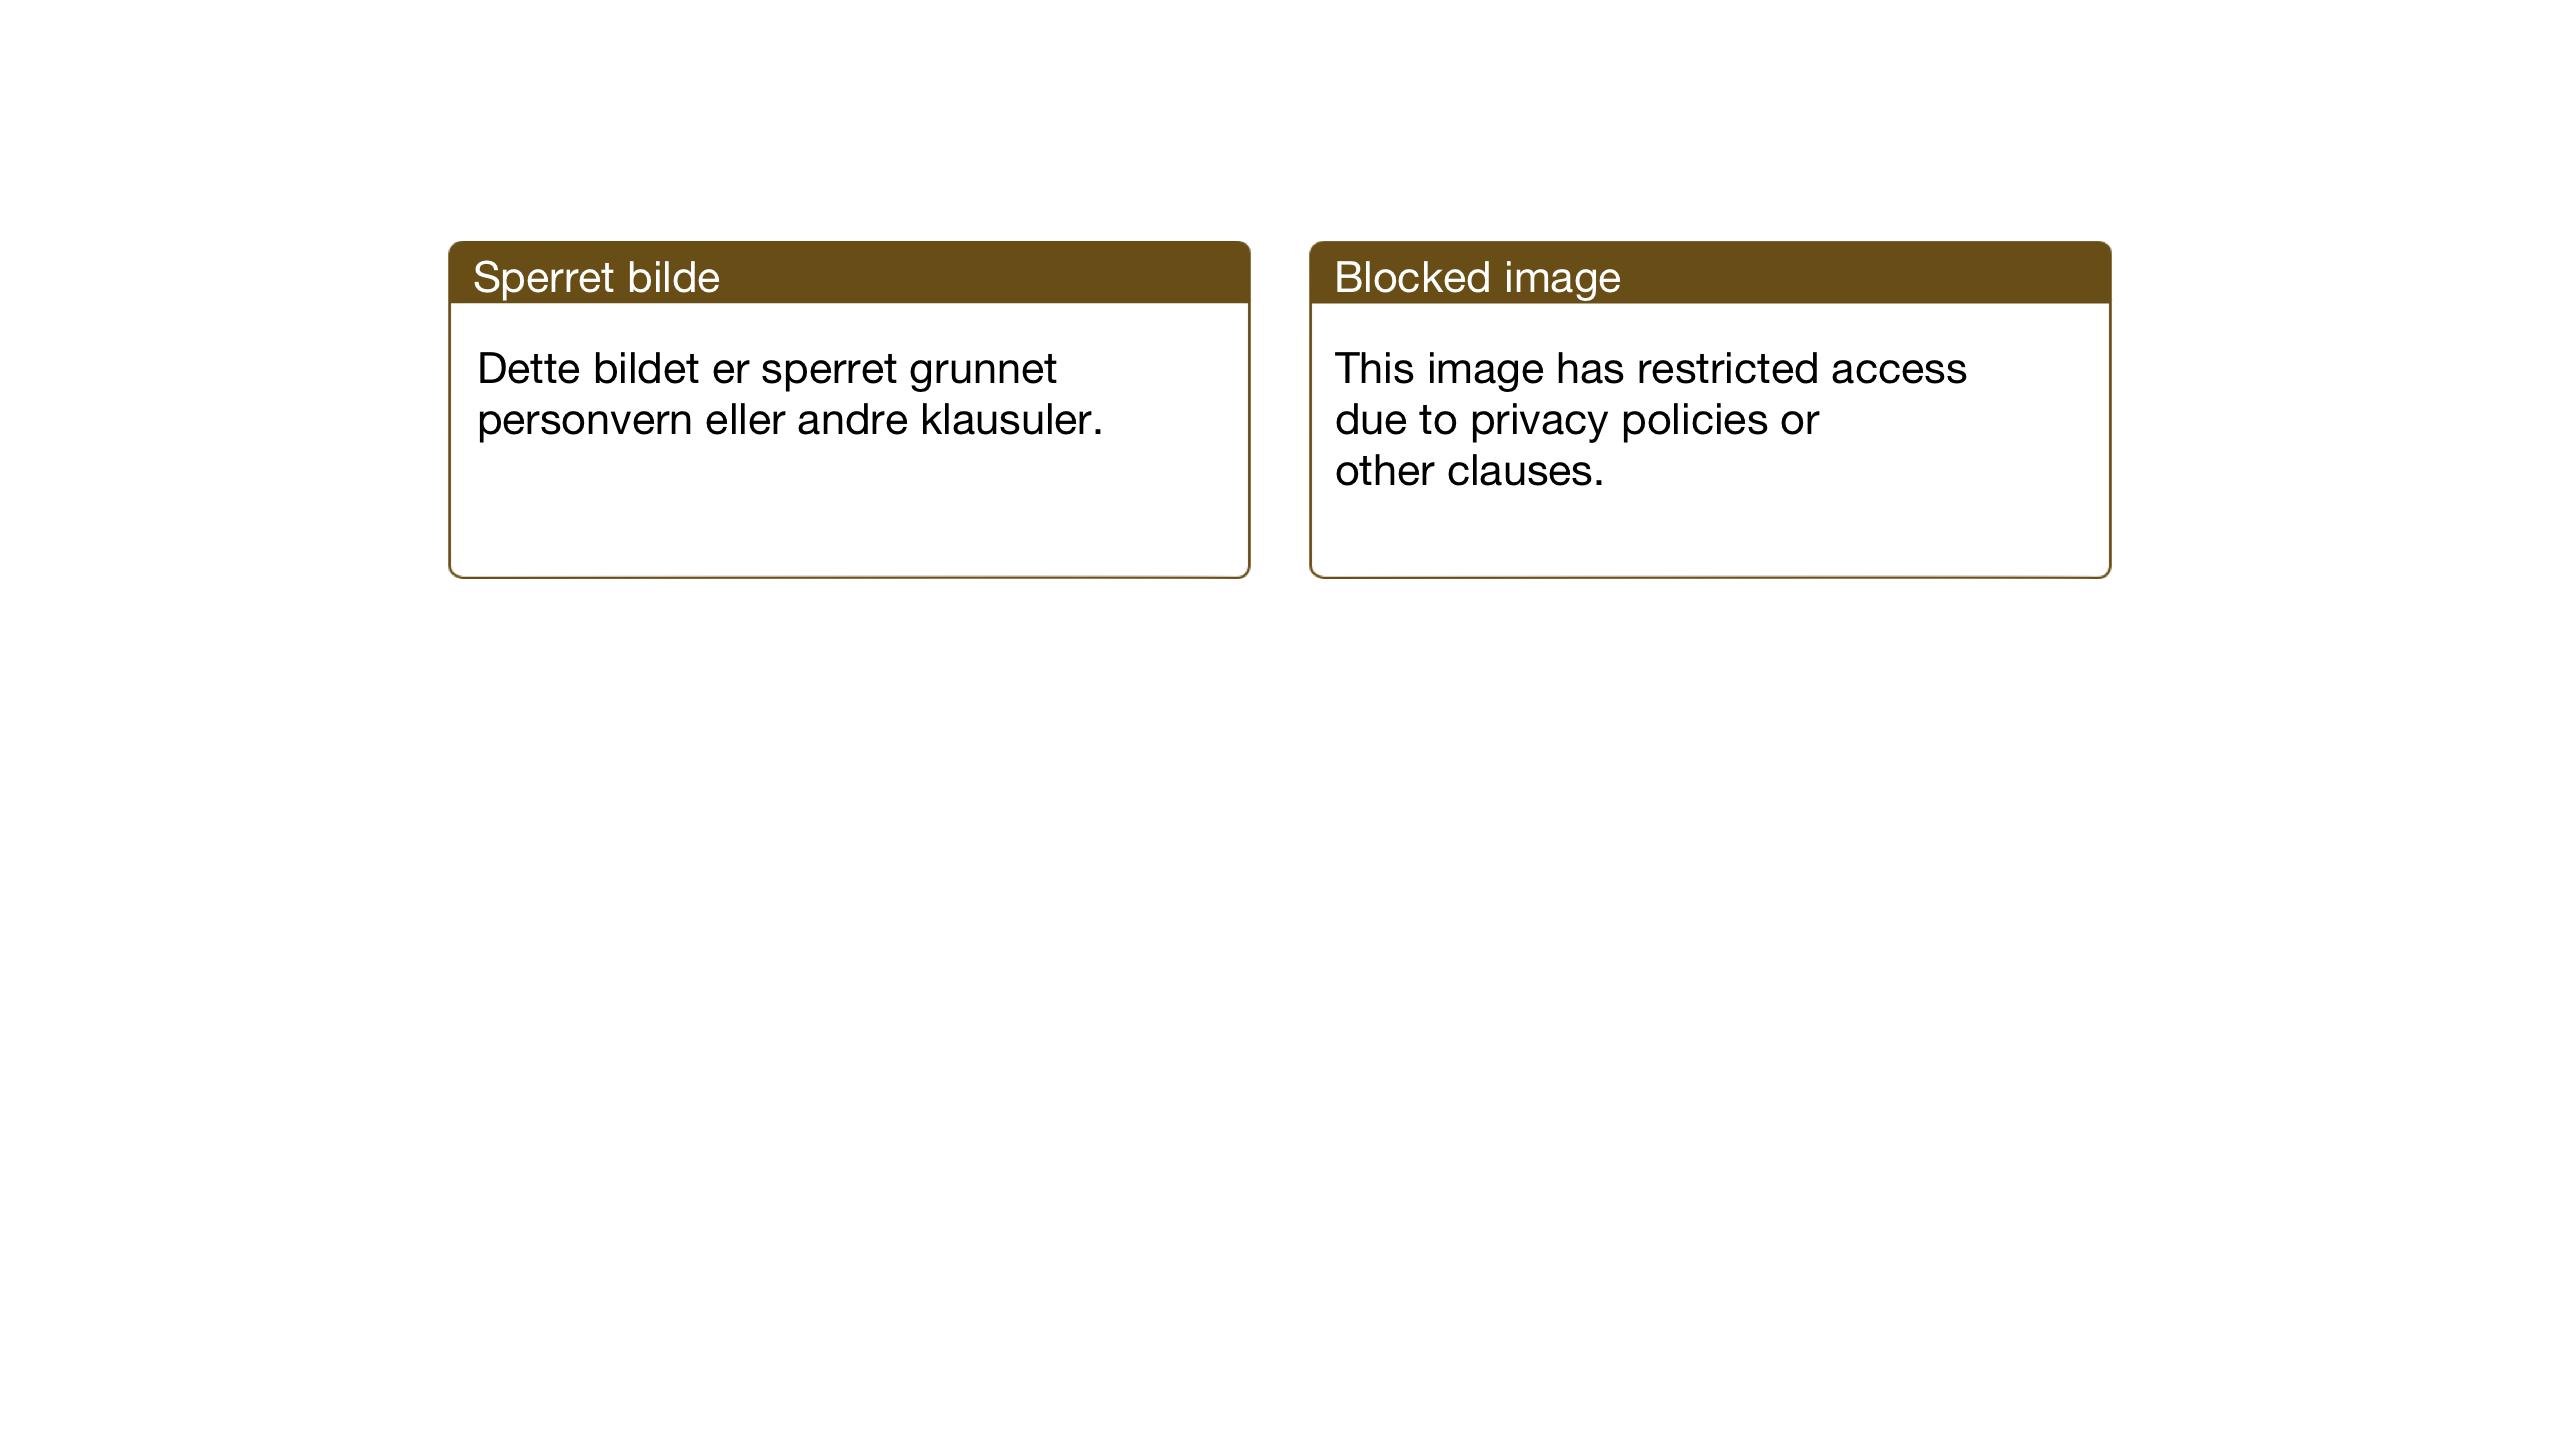 SAT, Ministerialprotokoller, klokkerbøker og fødselsregistre - Sør-Trøndelag, 603/L0173: Klokkerbok nr. 603C01, 1907-1962, s. 119